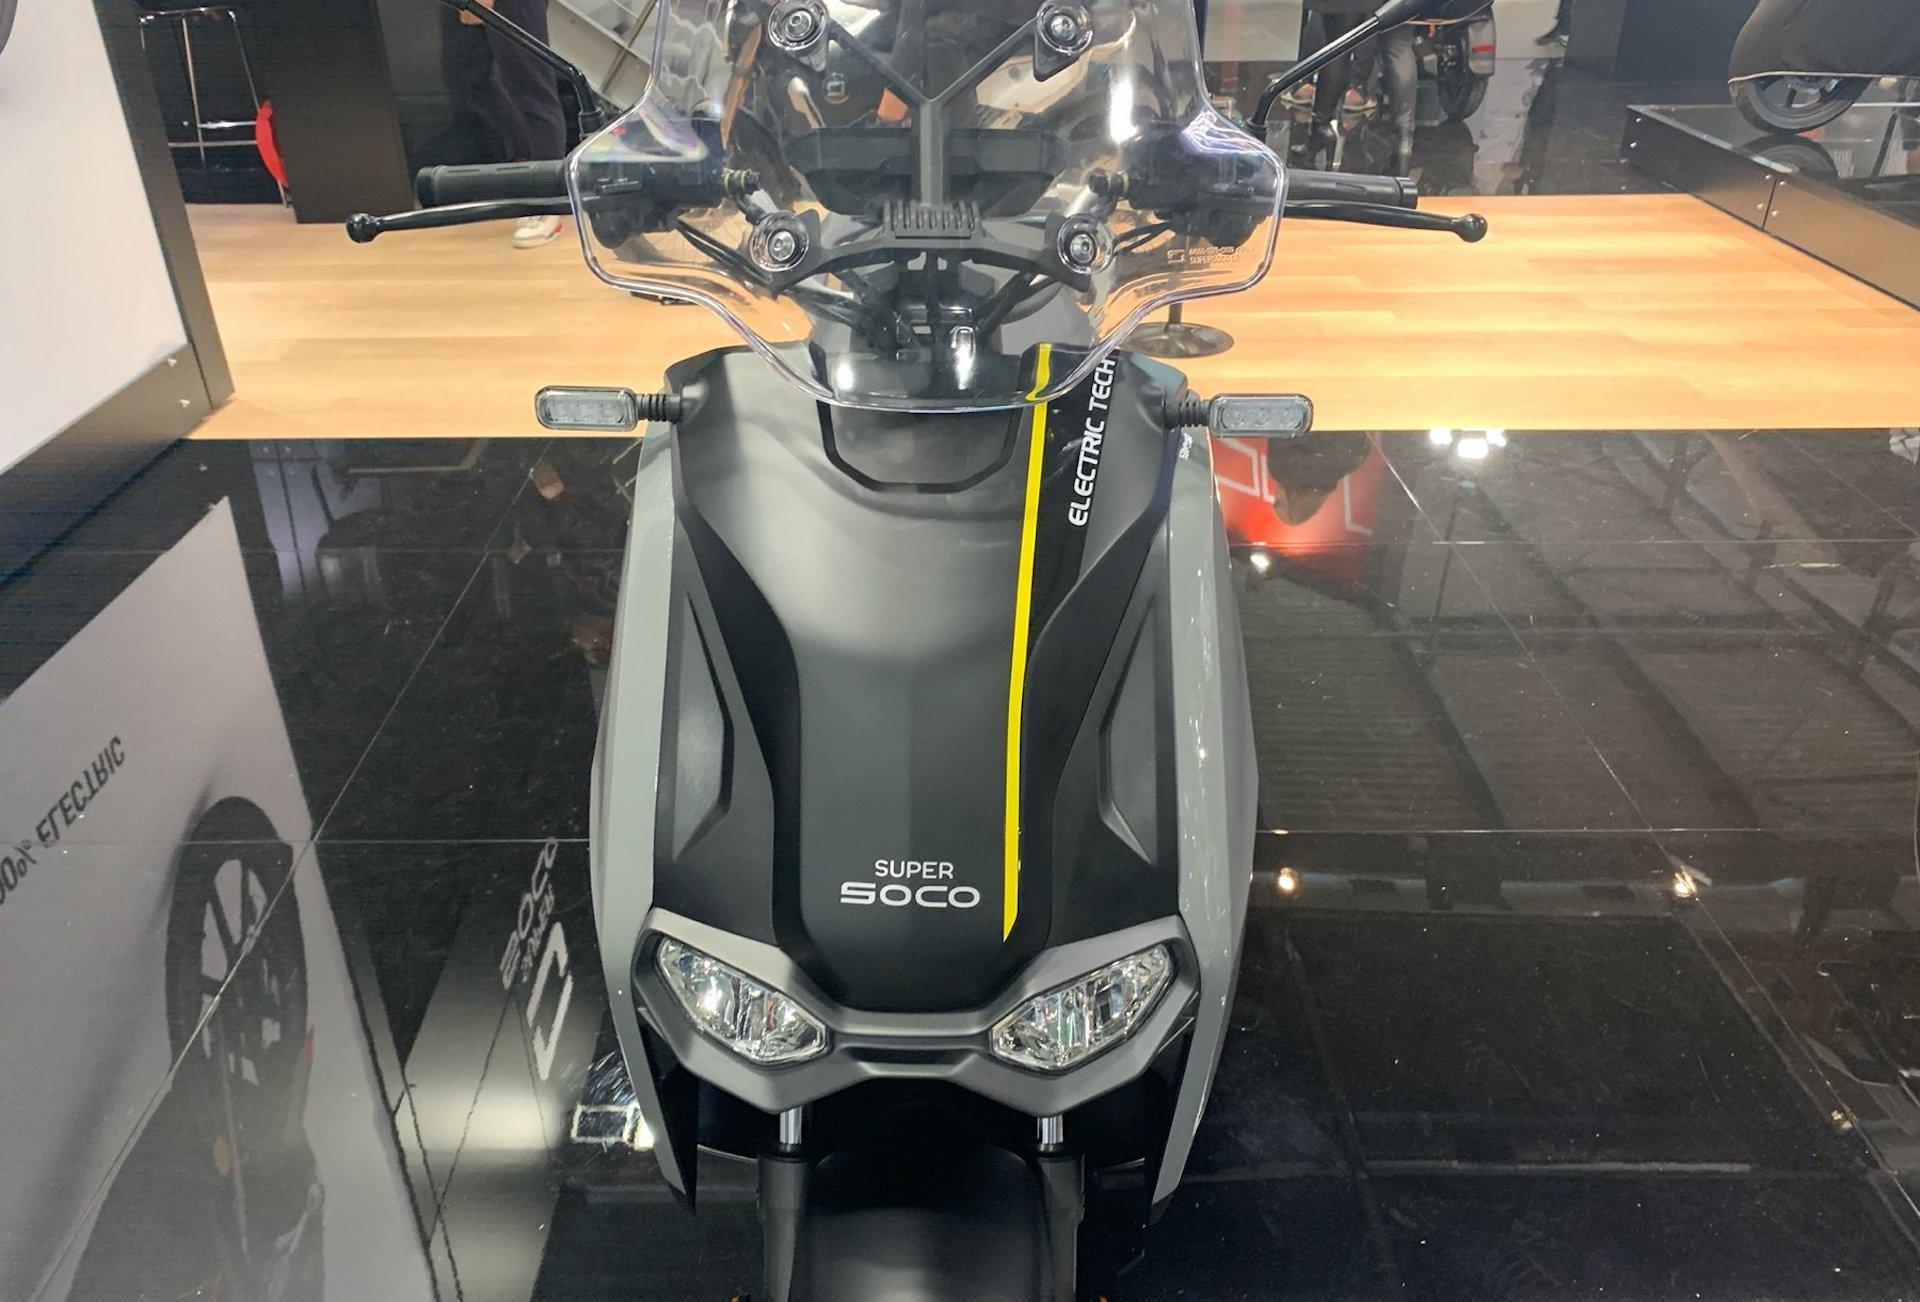 Super Soco présente le CPx, un nouveau scooter électrique plus gros et plus rapide